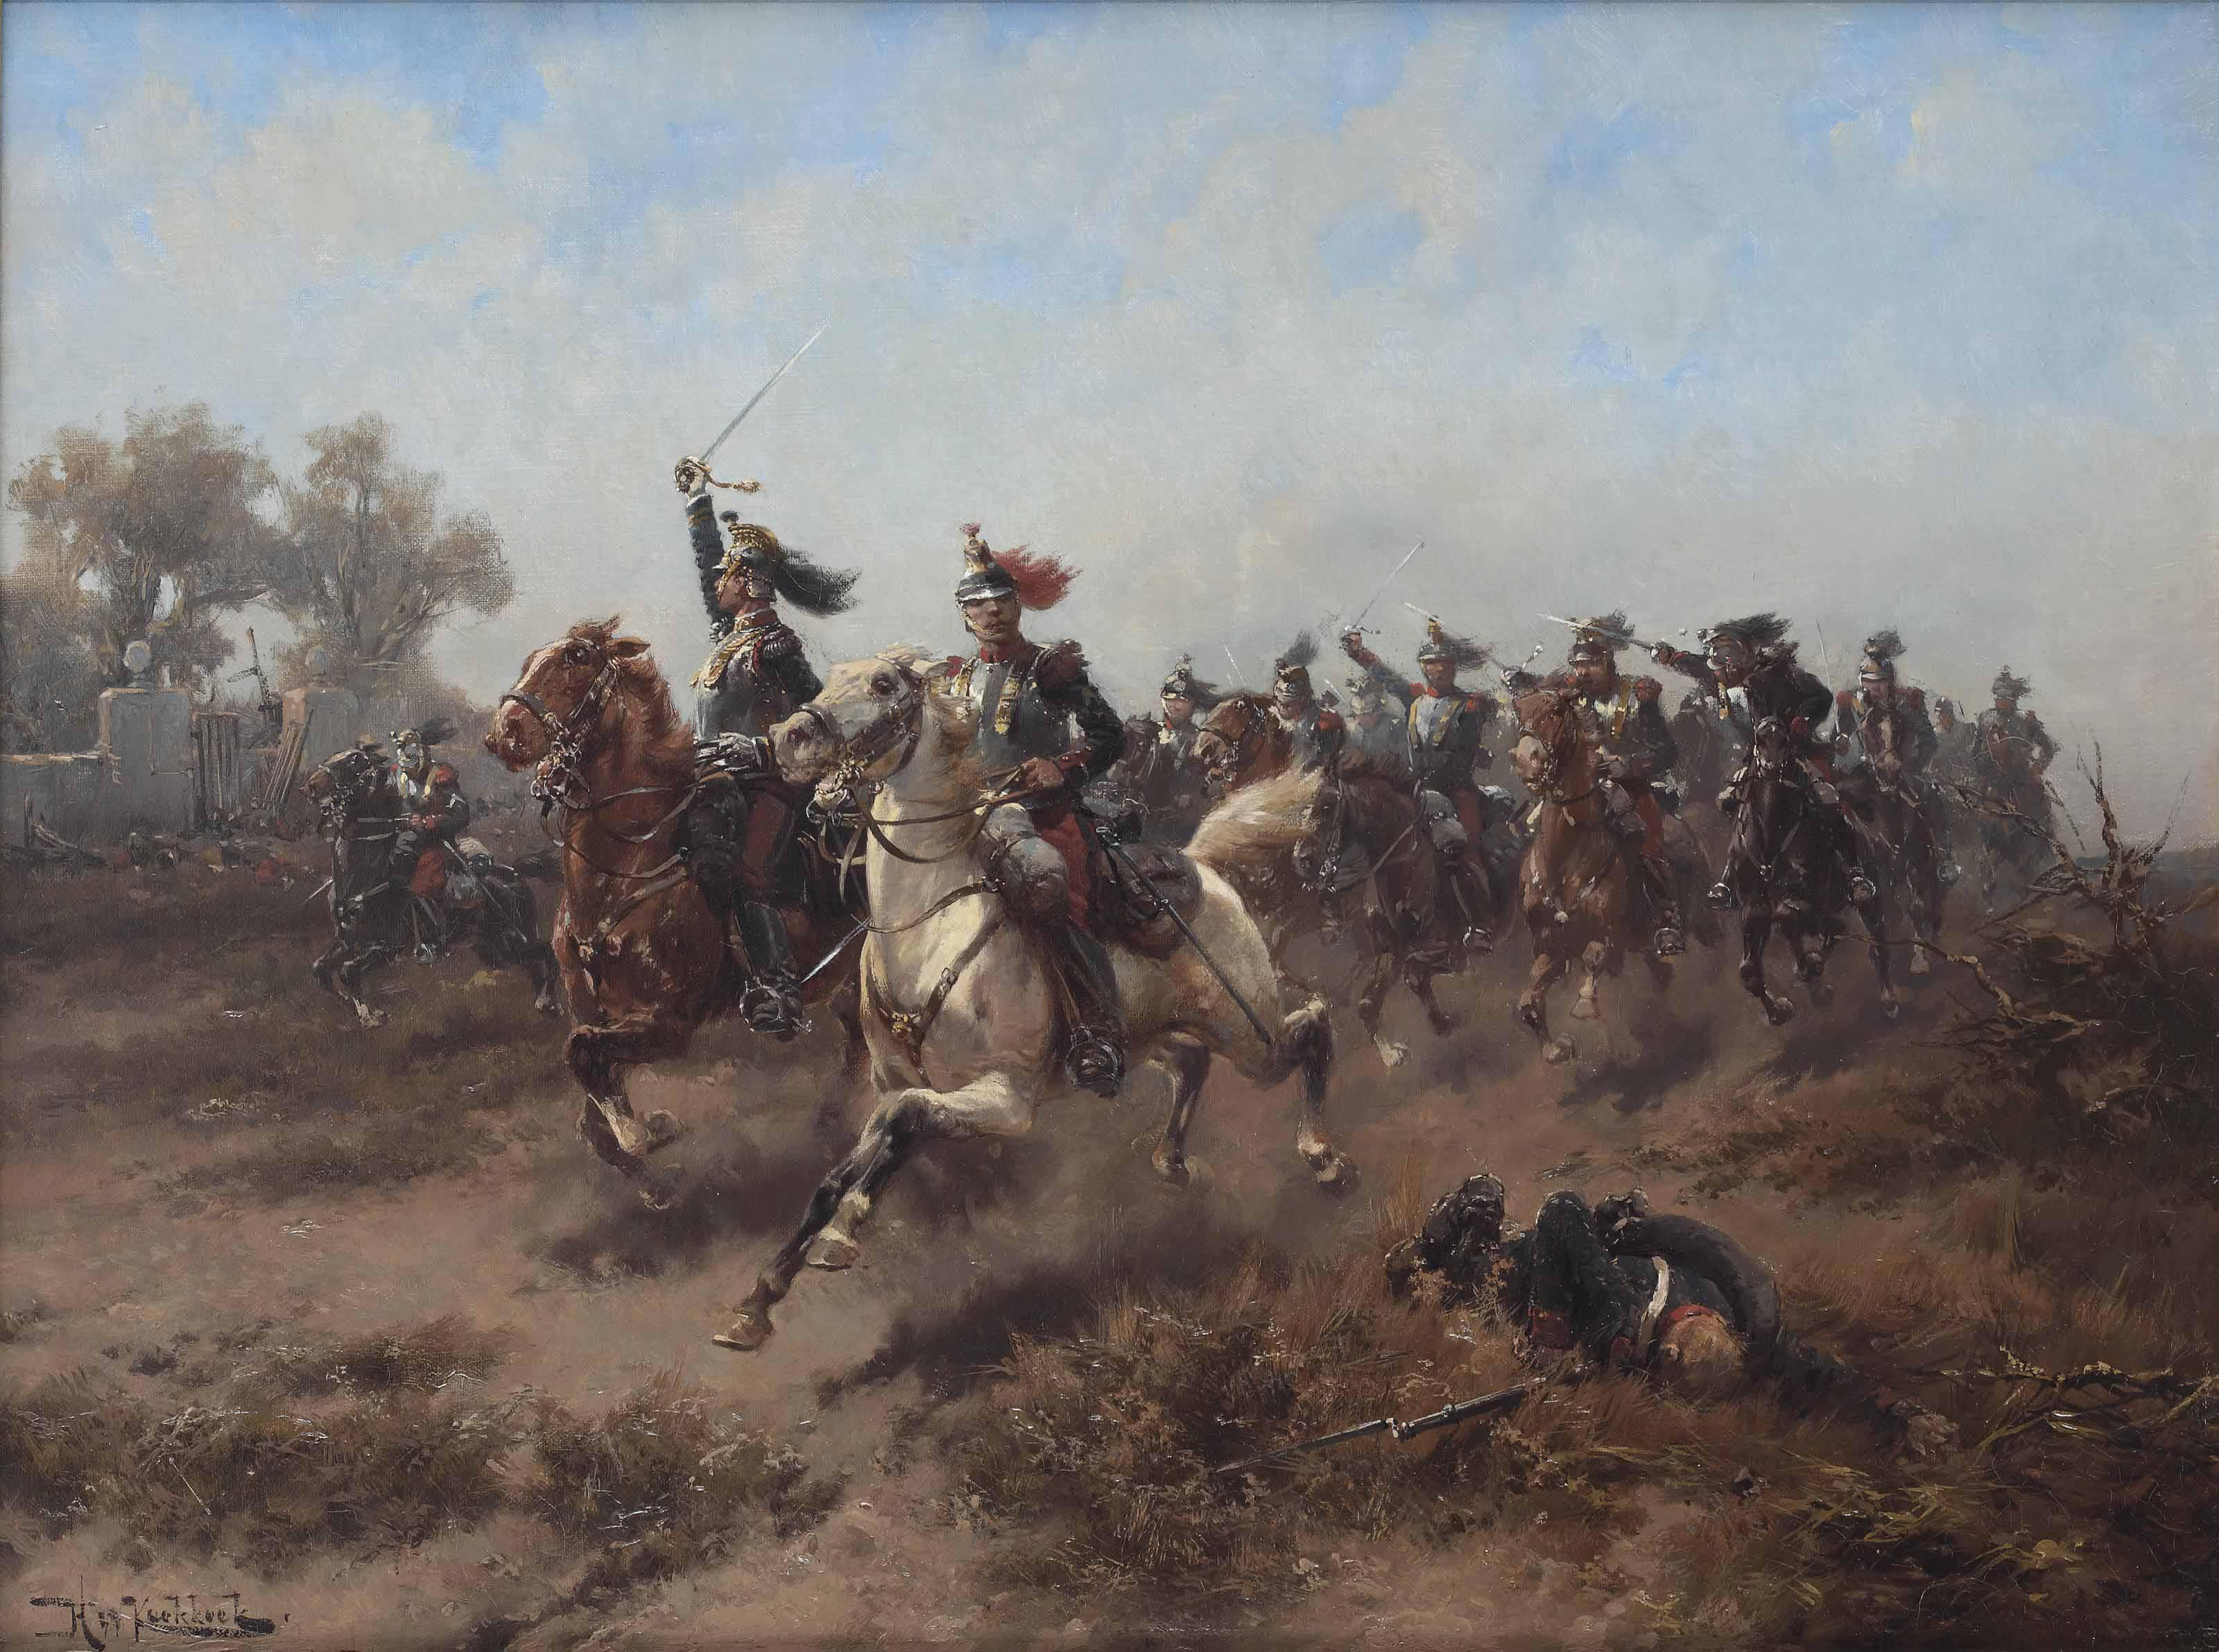 Hermanus Willem Koekkoek (Amst